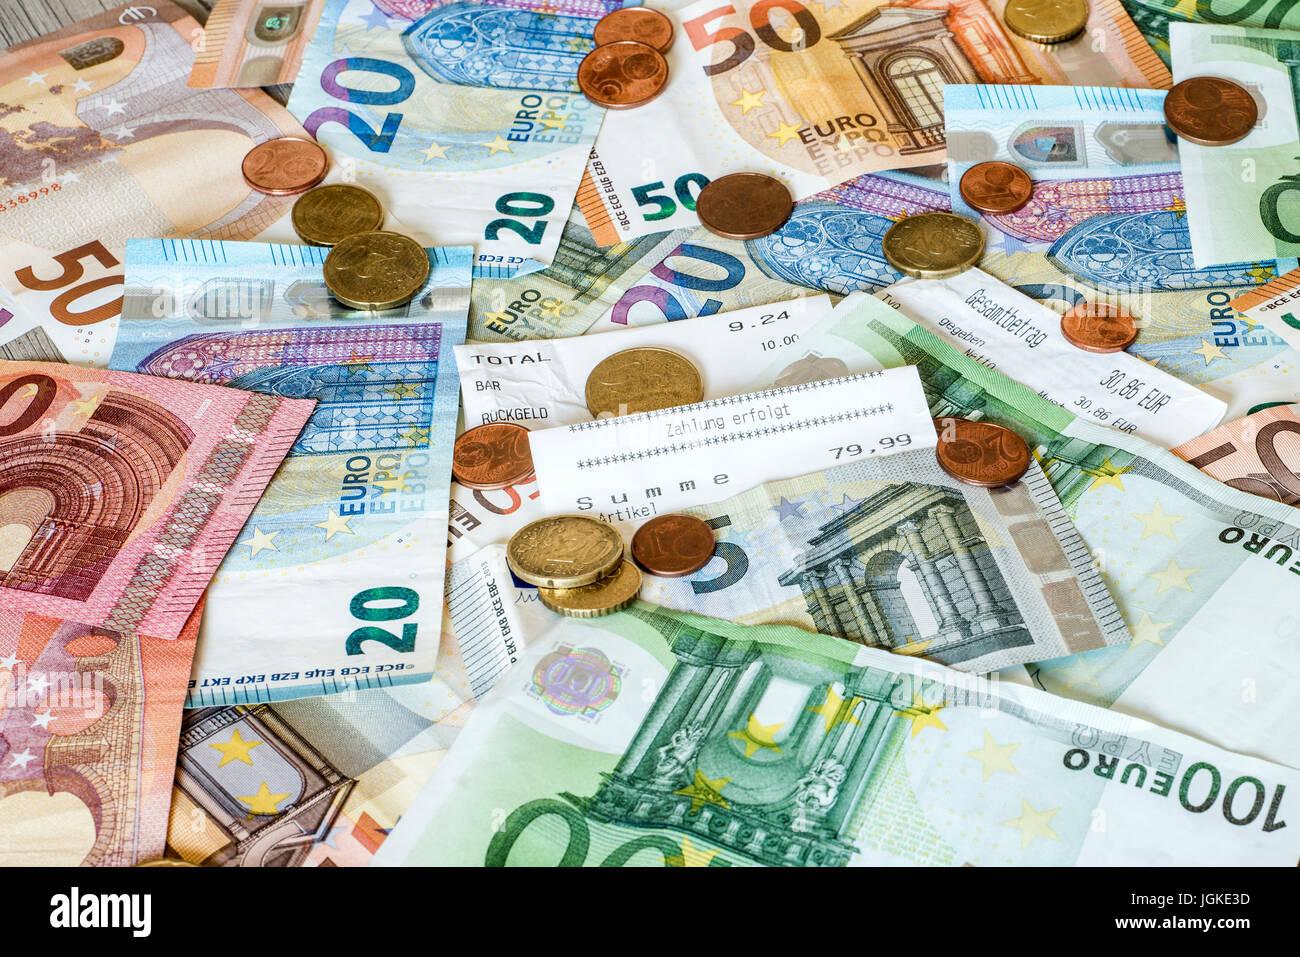 Sparen Geld Geld Konzept Euro Banknoten In Allen Größen Und Cent